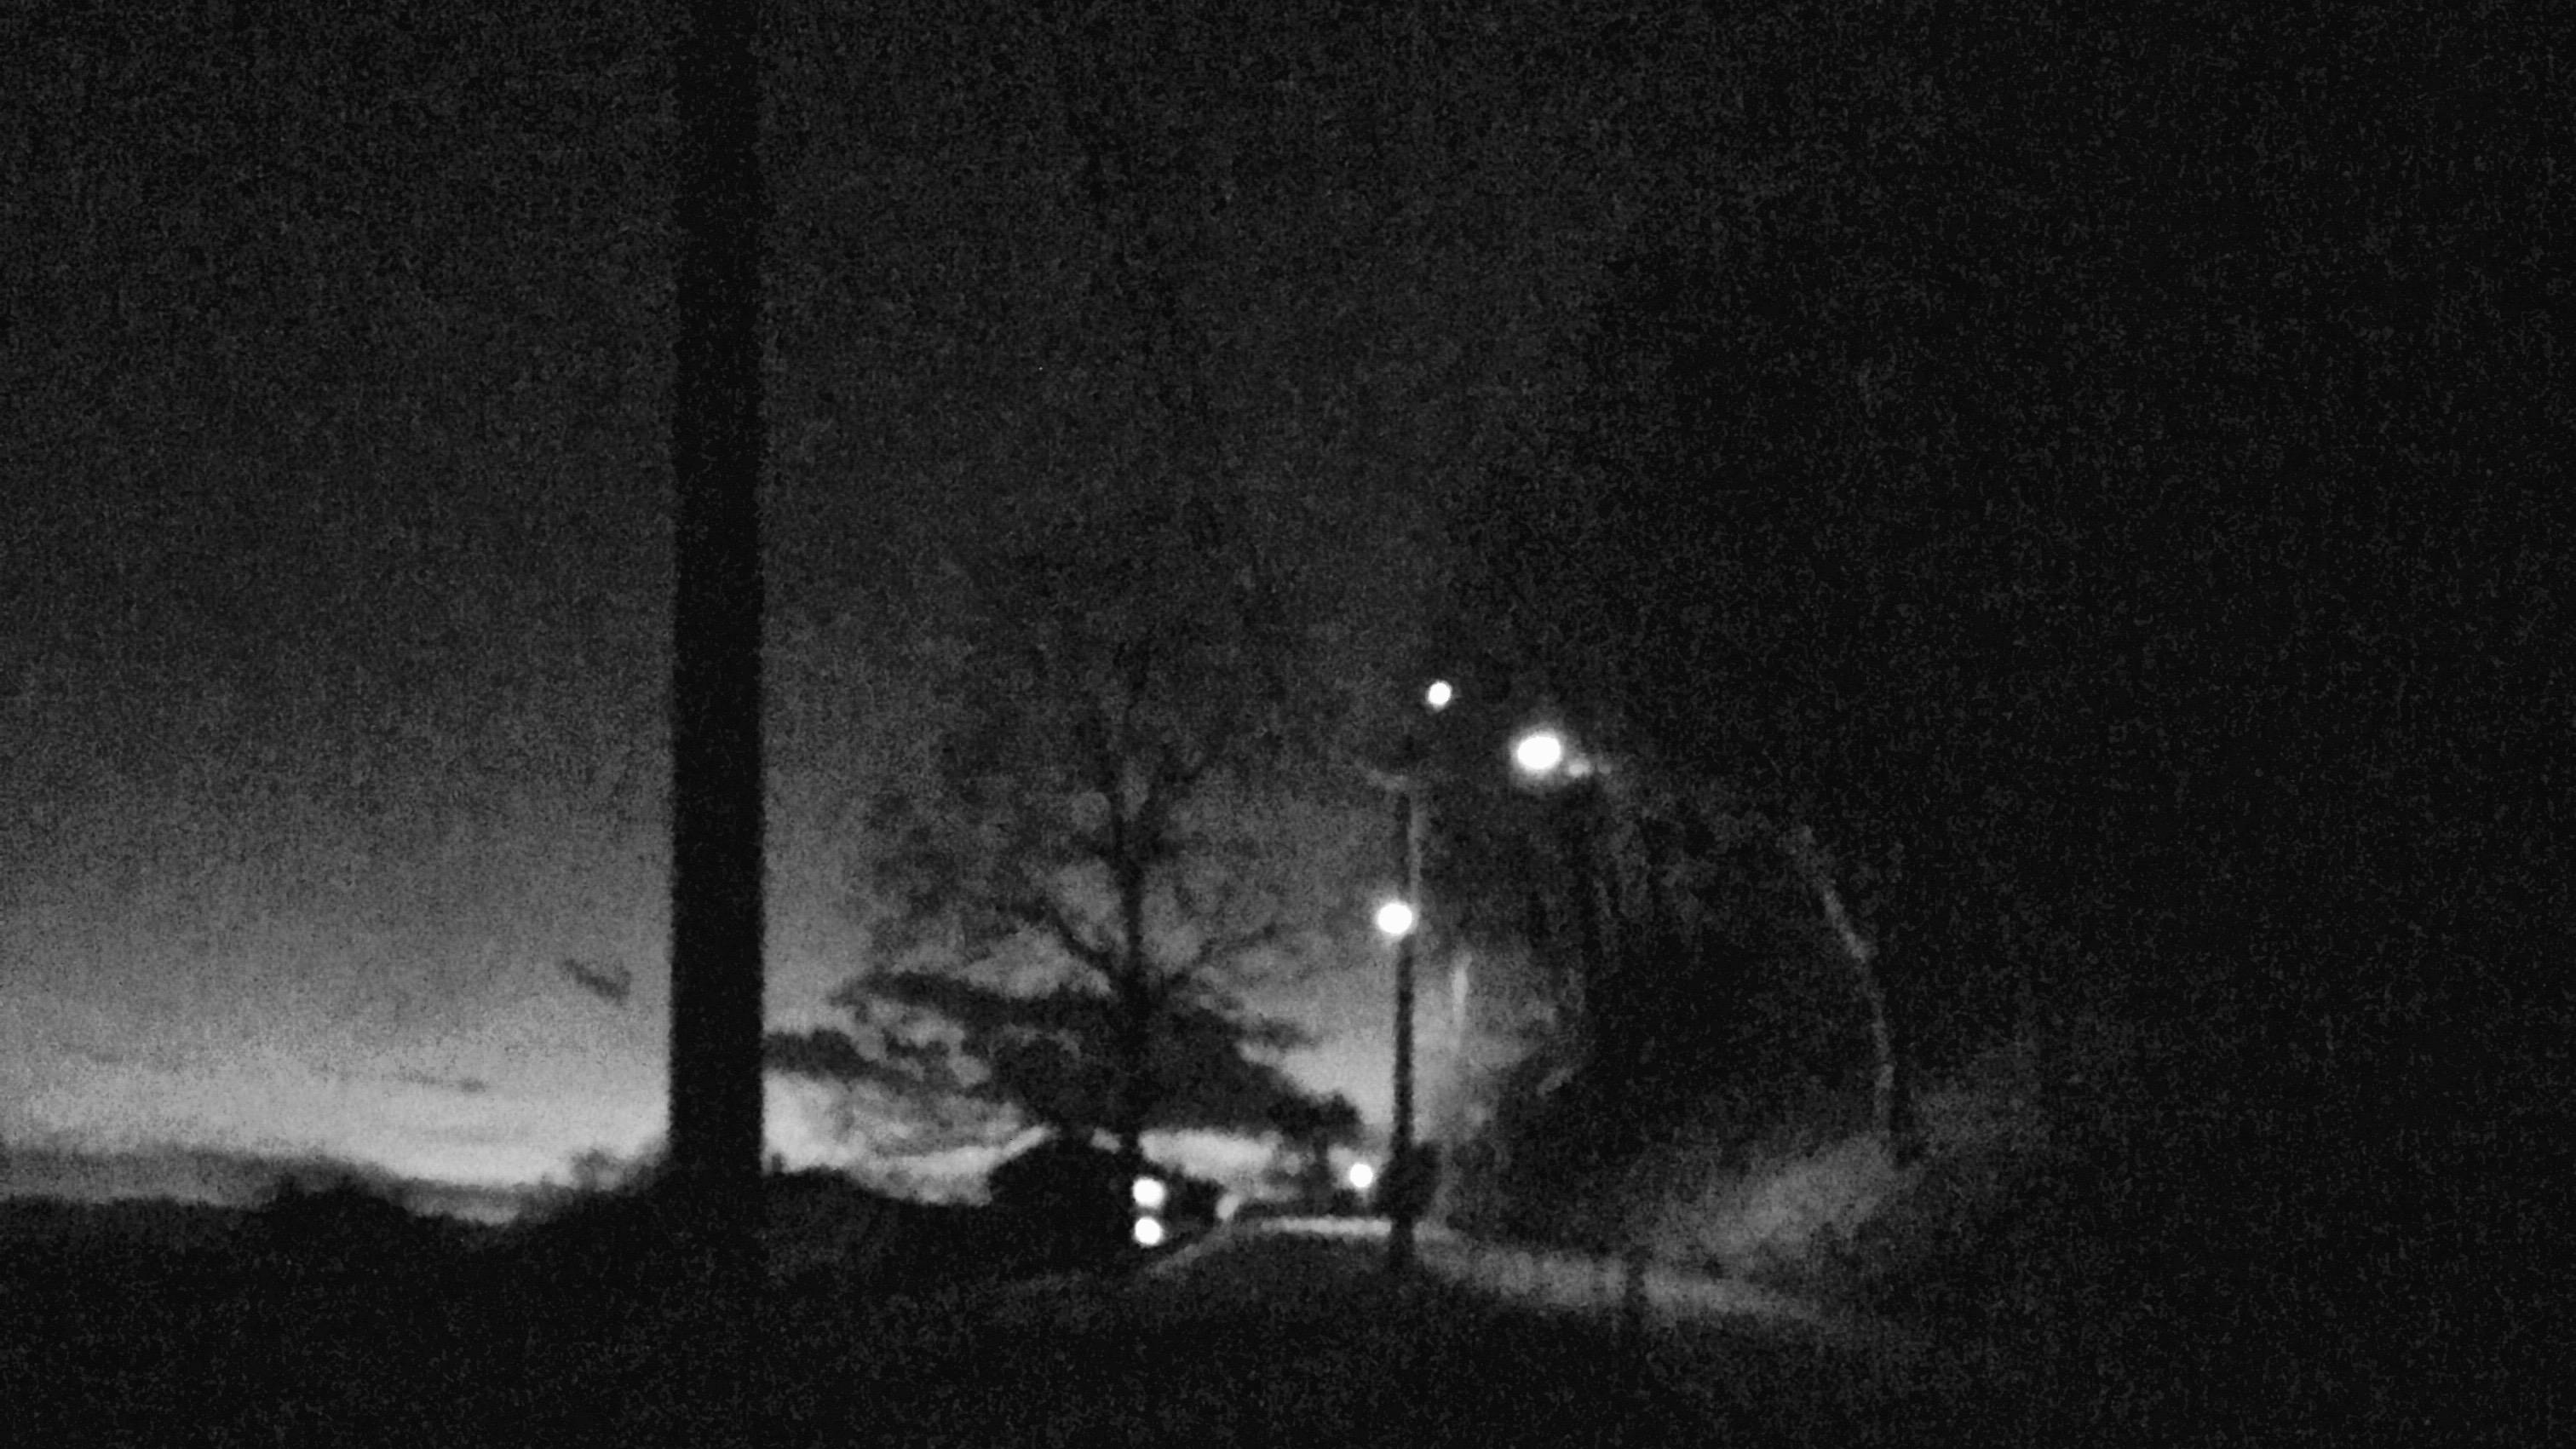 bei Nacht in schwarz/weiß